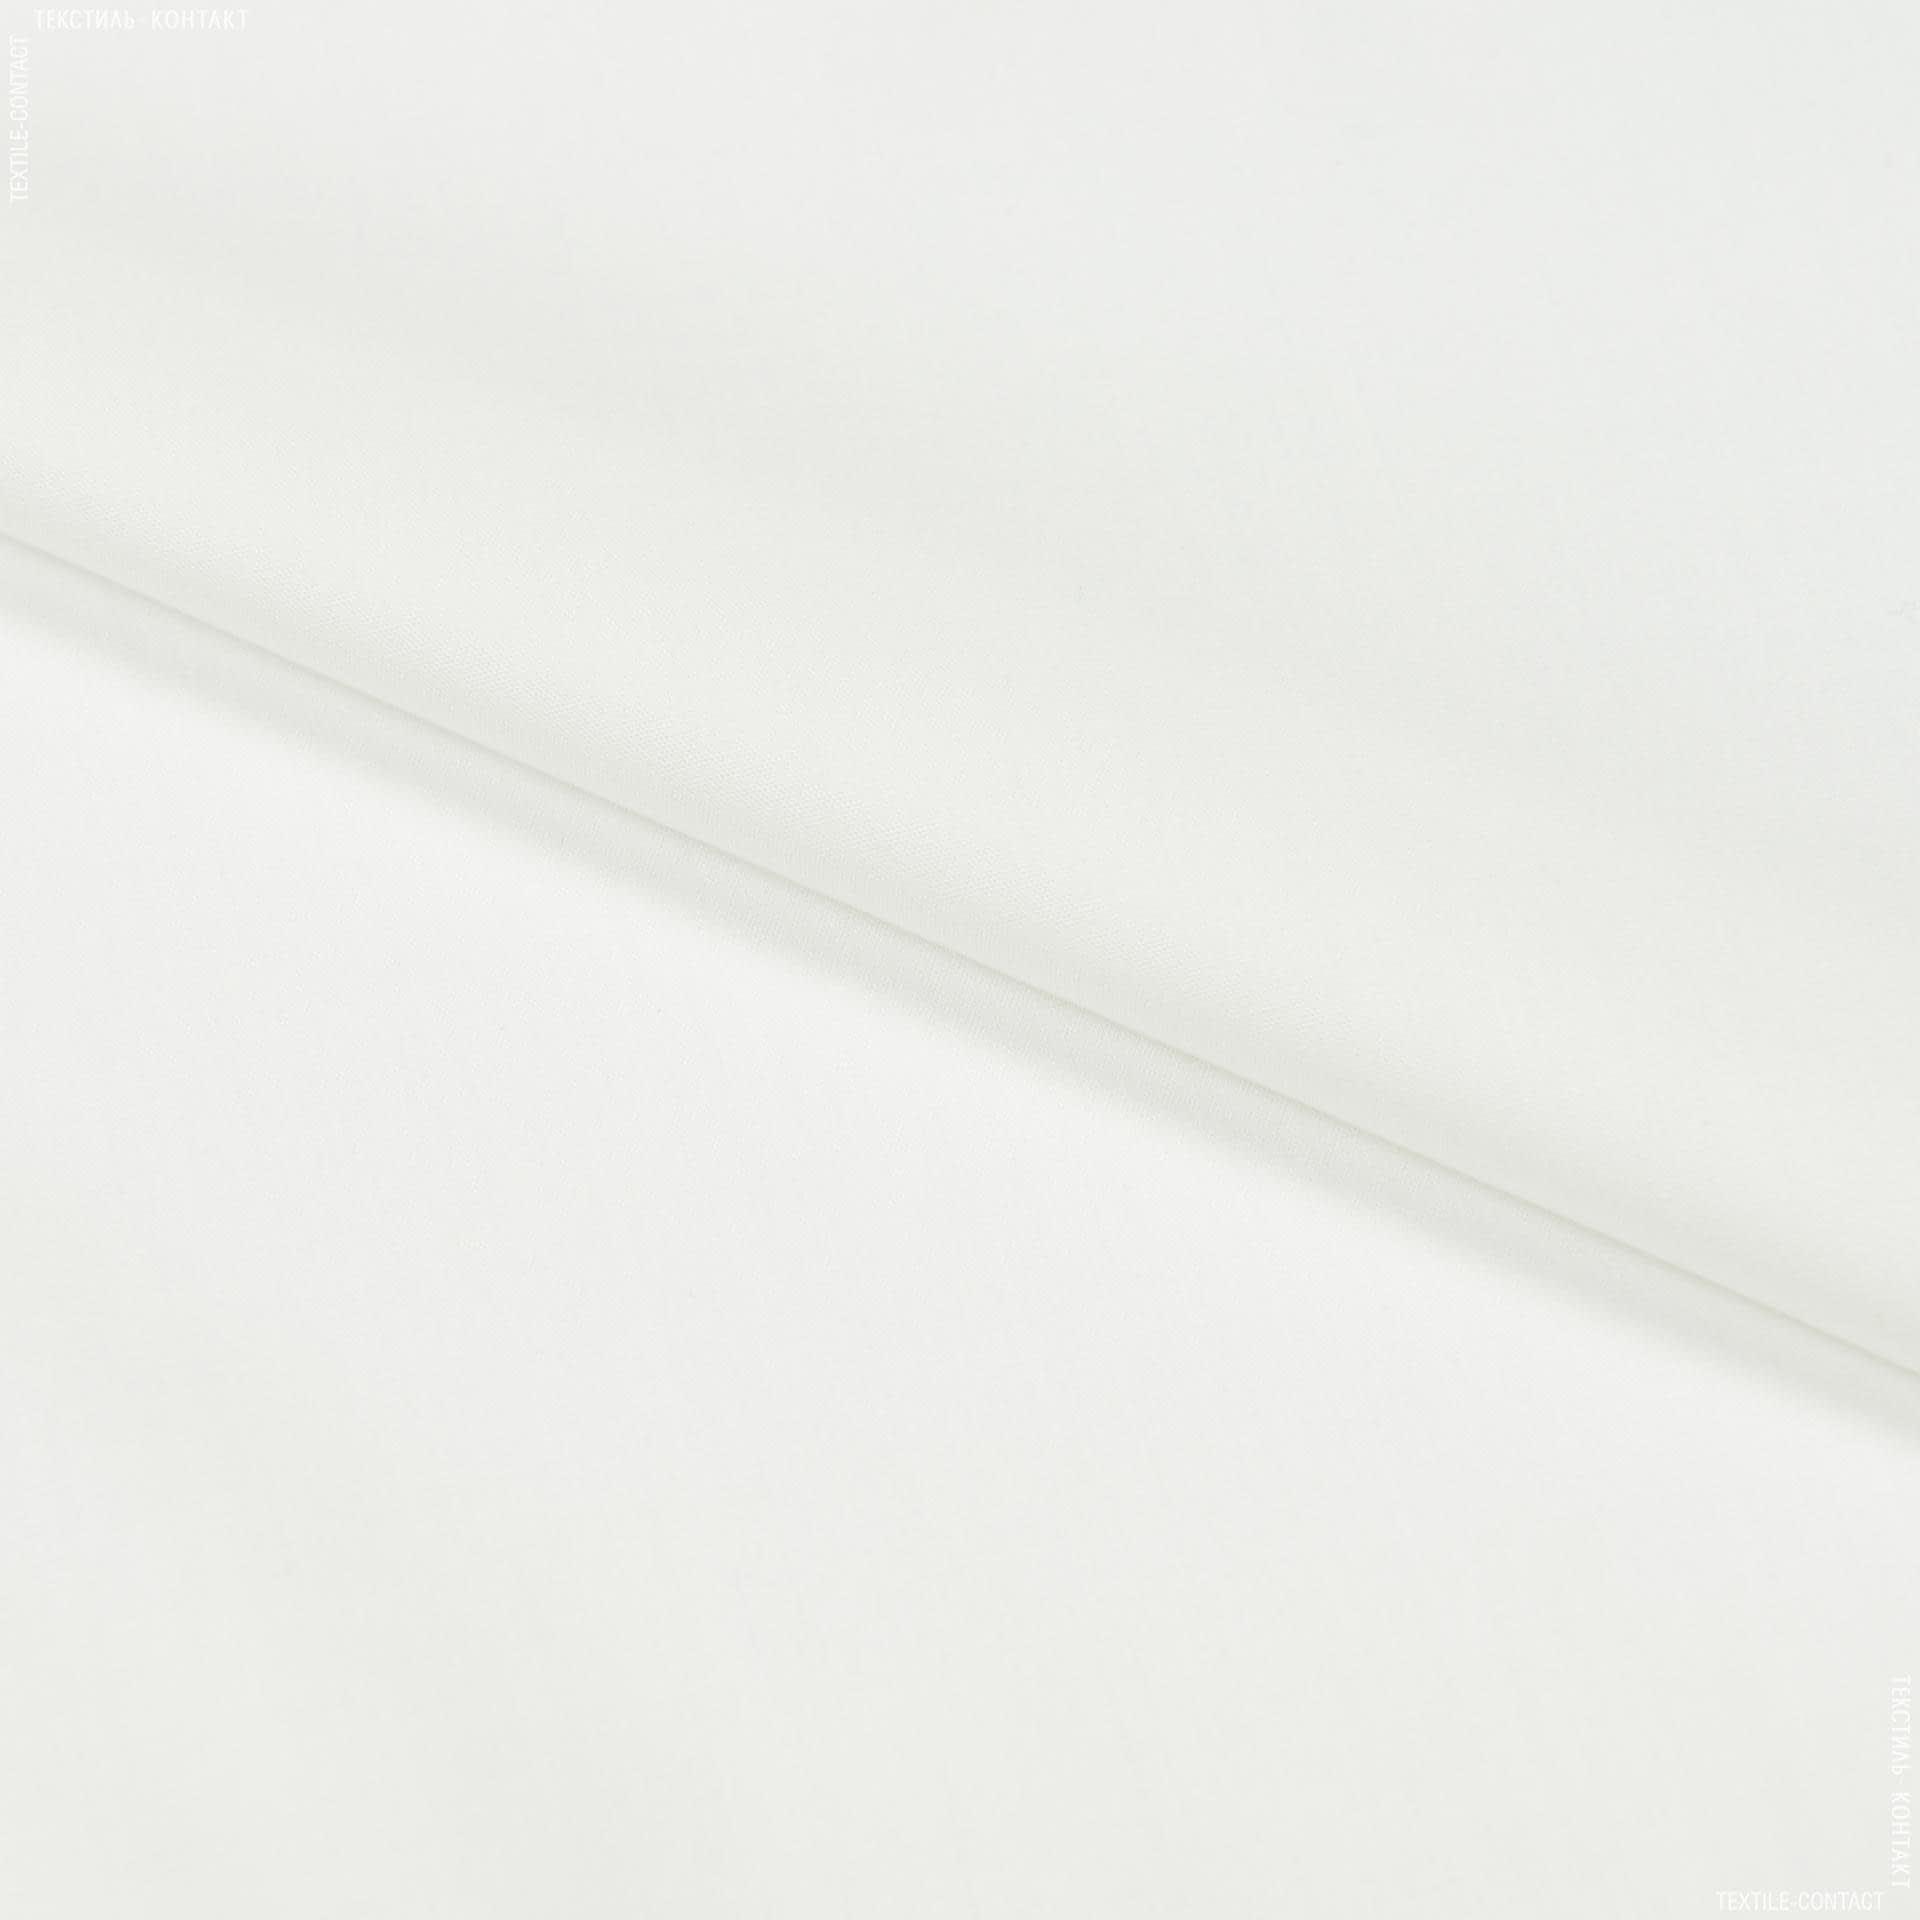 Ткани для мед. одежды - Сорочечная молочный